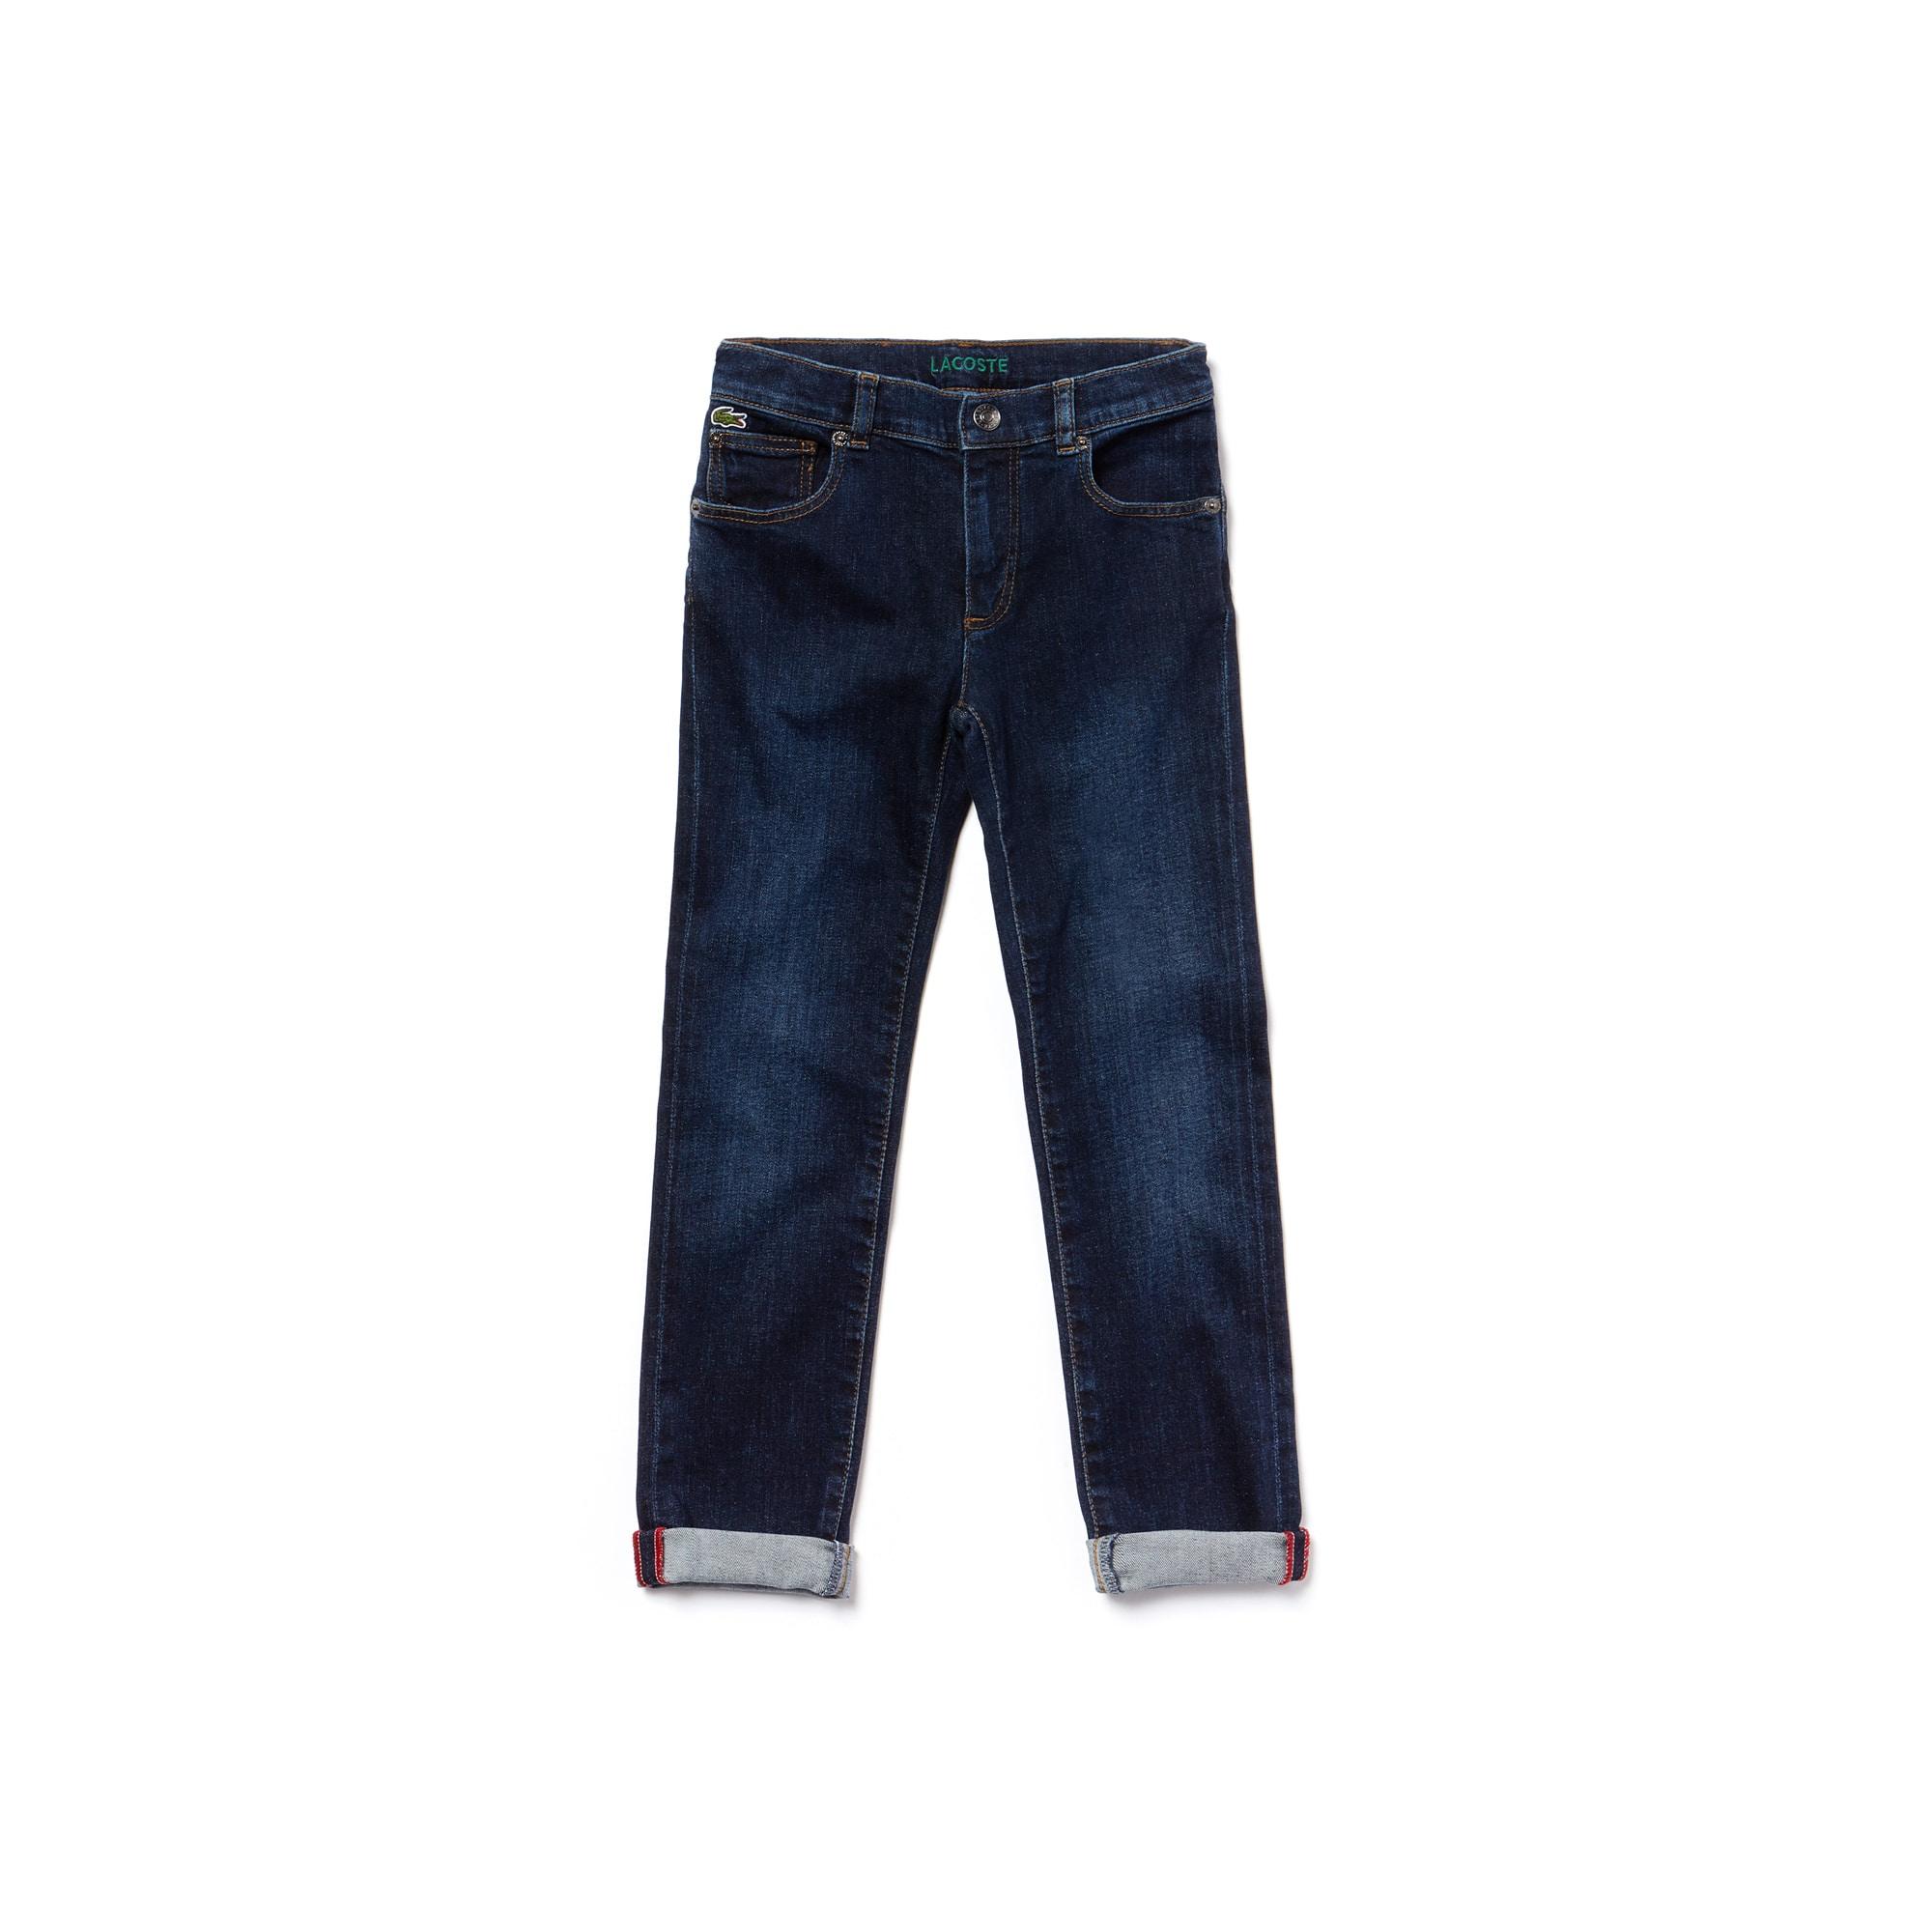 Calça Jeans Infantil em Denim de Algodão